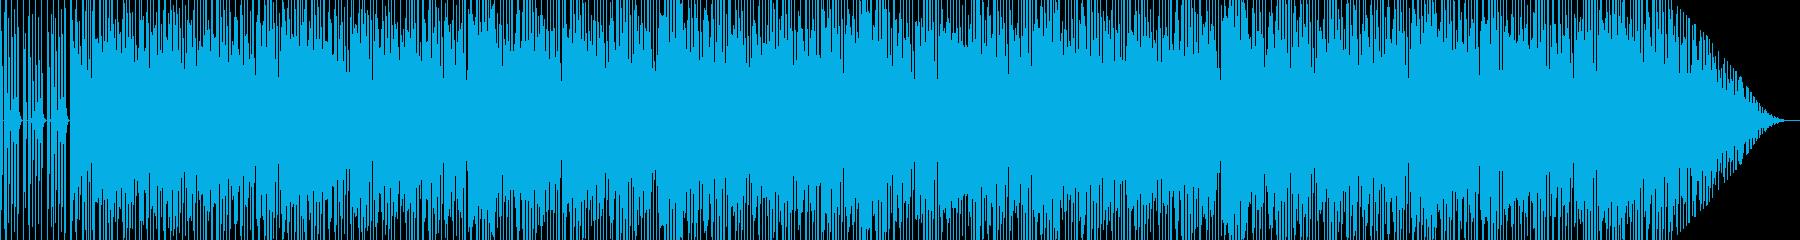 ギターのメインの踊りたくなるテクノポップの再生済みの波形